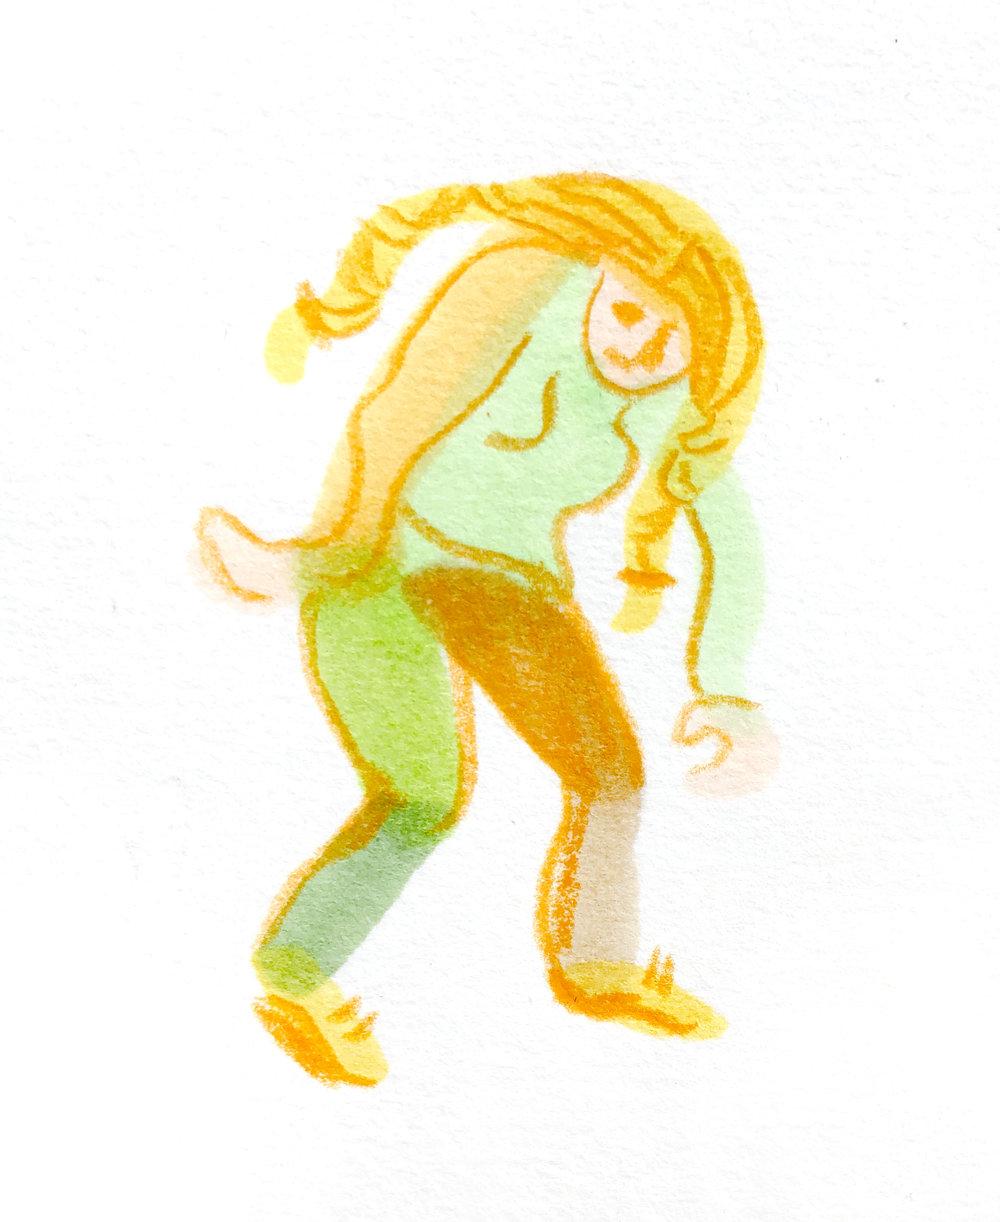 dancey gal.jpg